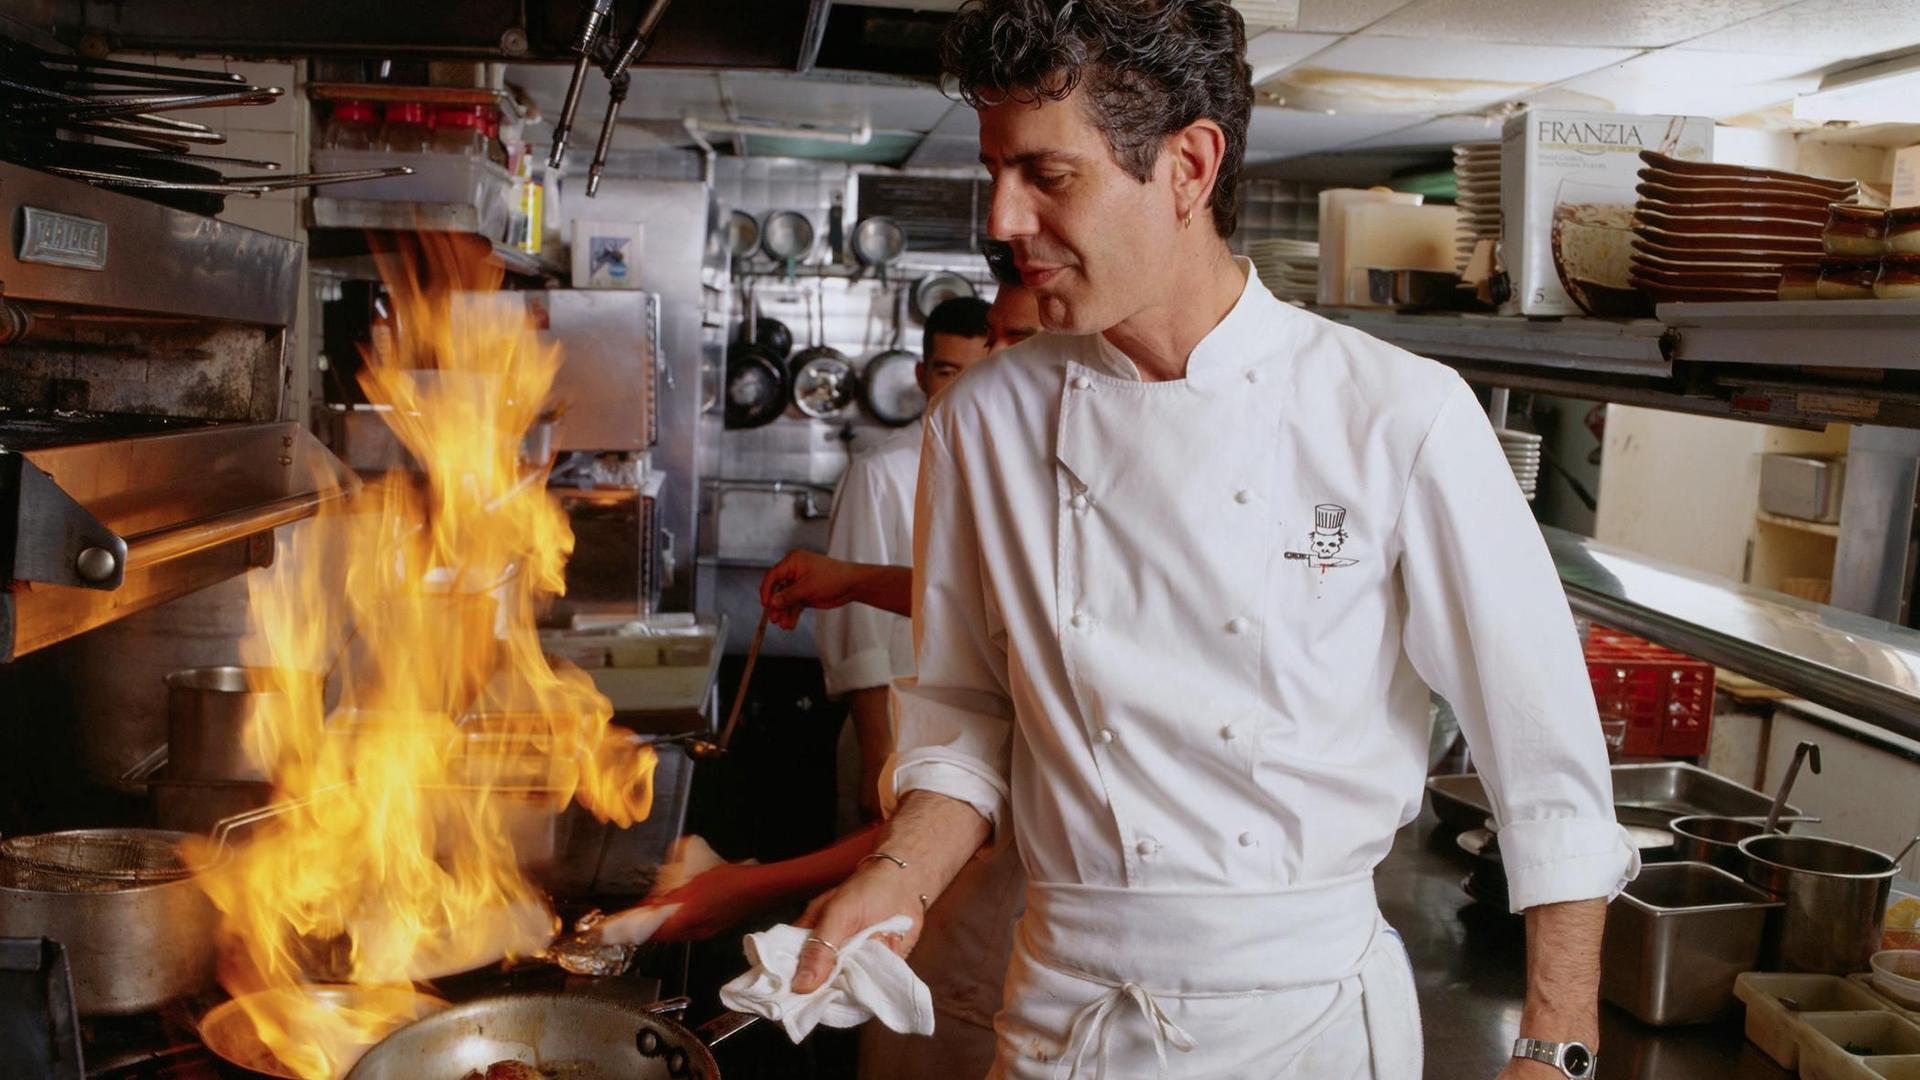 Con un carácter en la cocina irreverente, innovador y divertido, el chef desde el 2005 a través de diversos programas televisivos se metió en la casa de mucha gente, que lo eligieron como favorito